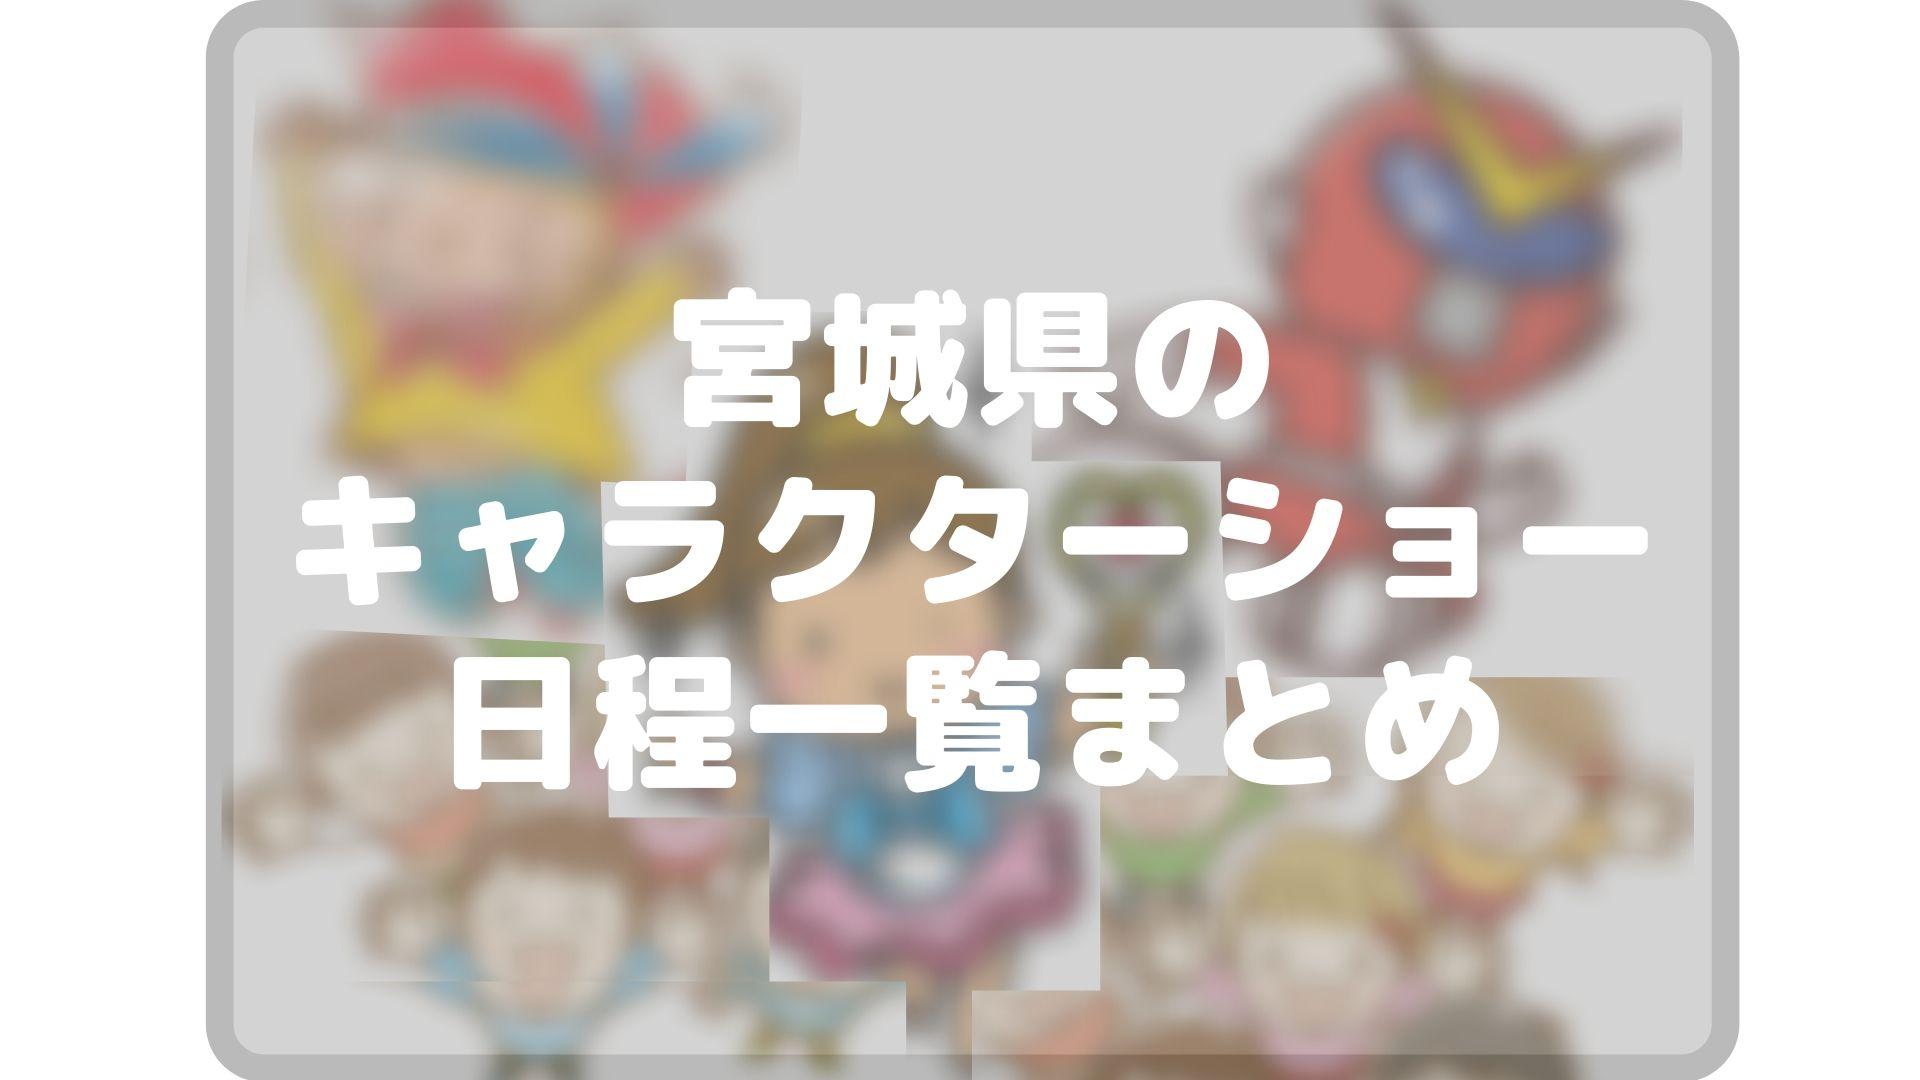 宮城県のキャラクターショーまとめタイトル画像